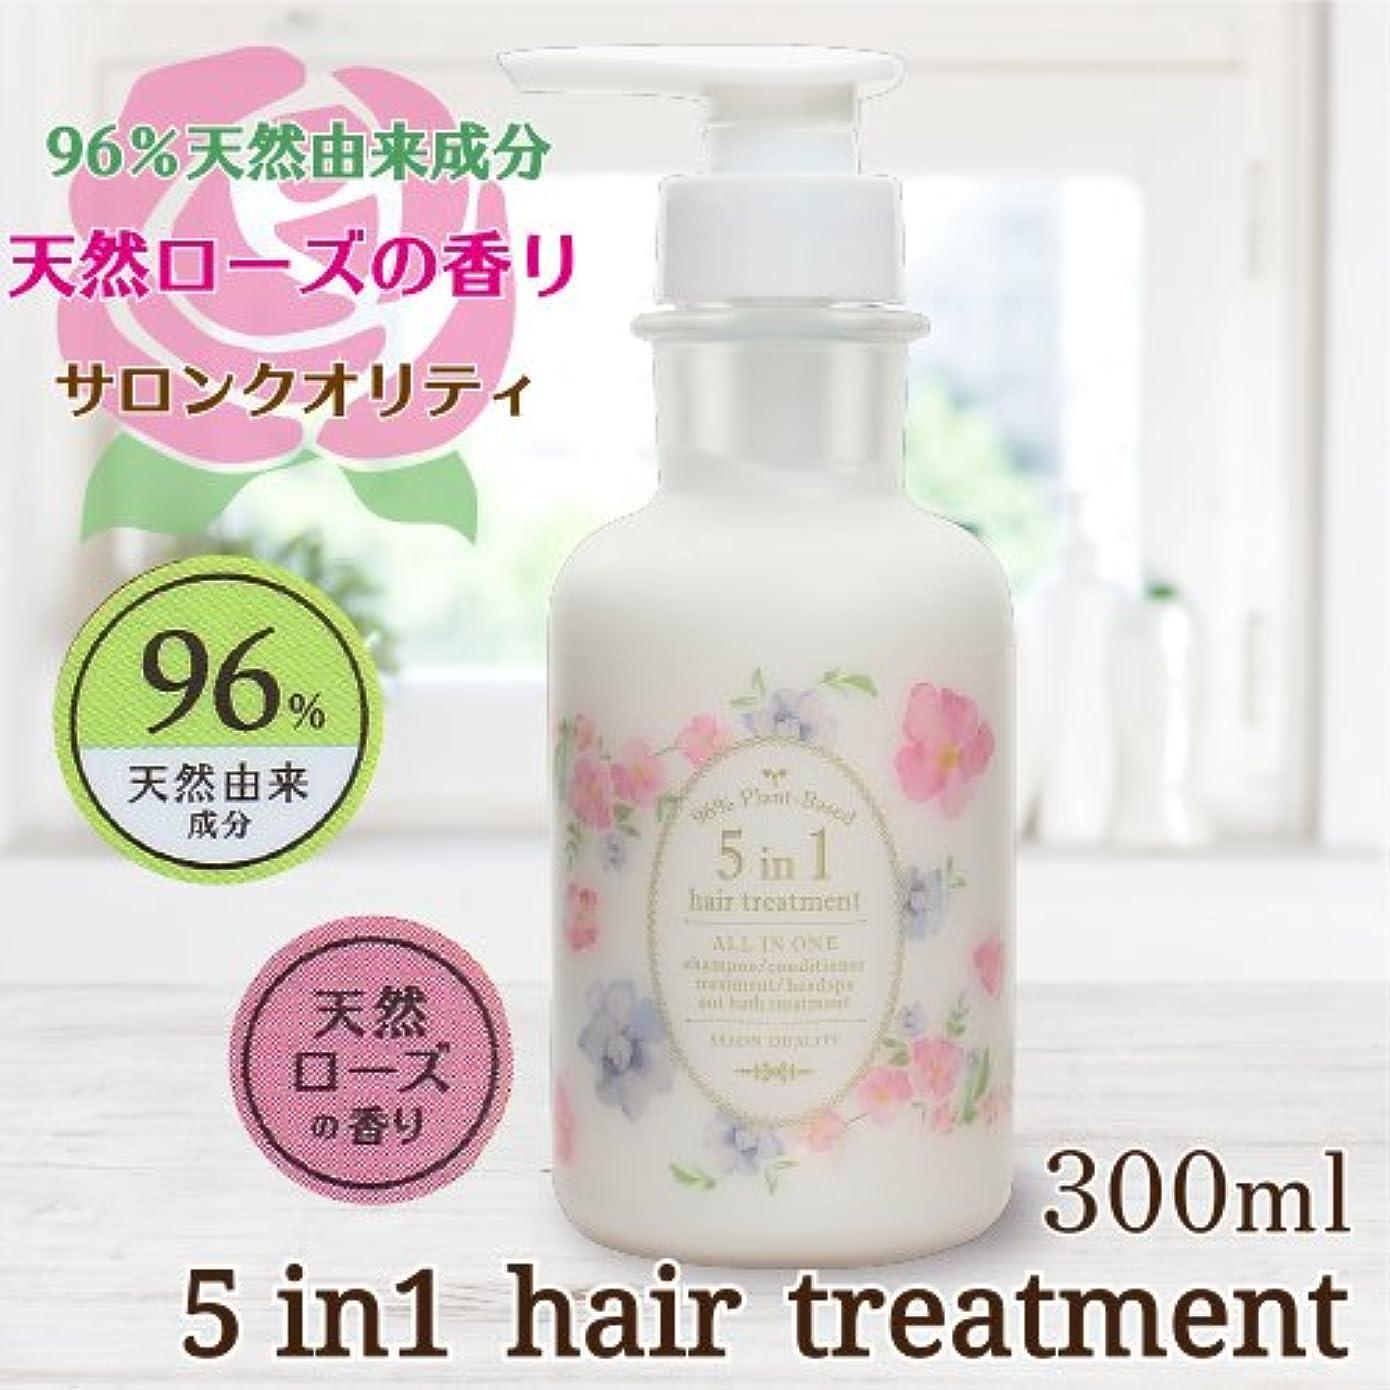 納屋むちゃくちゃ形成5in1 hair treatment